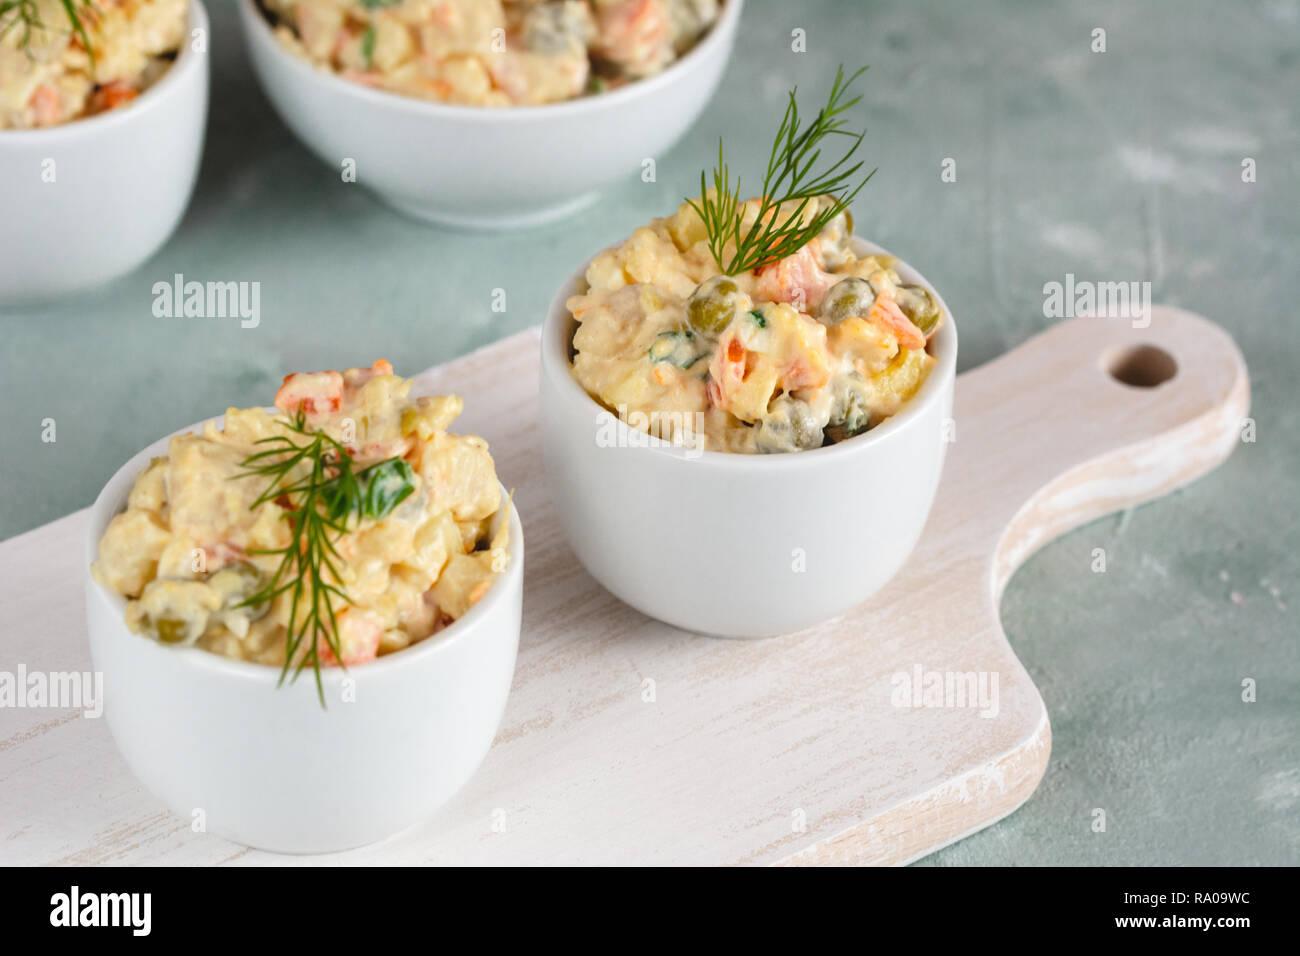 Traditionelle Polnische Salat Mit Gekochtem Gemüse Und Mayonnaise